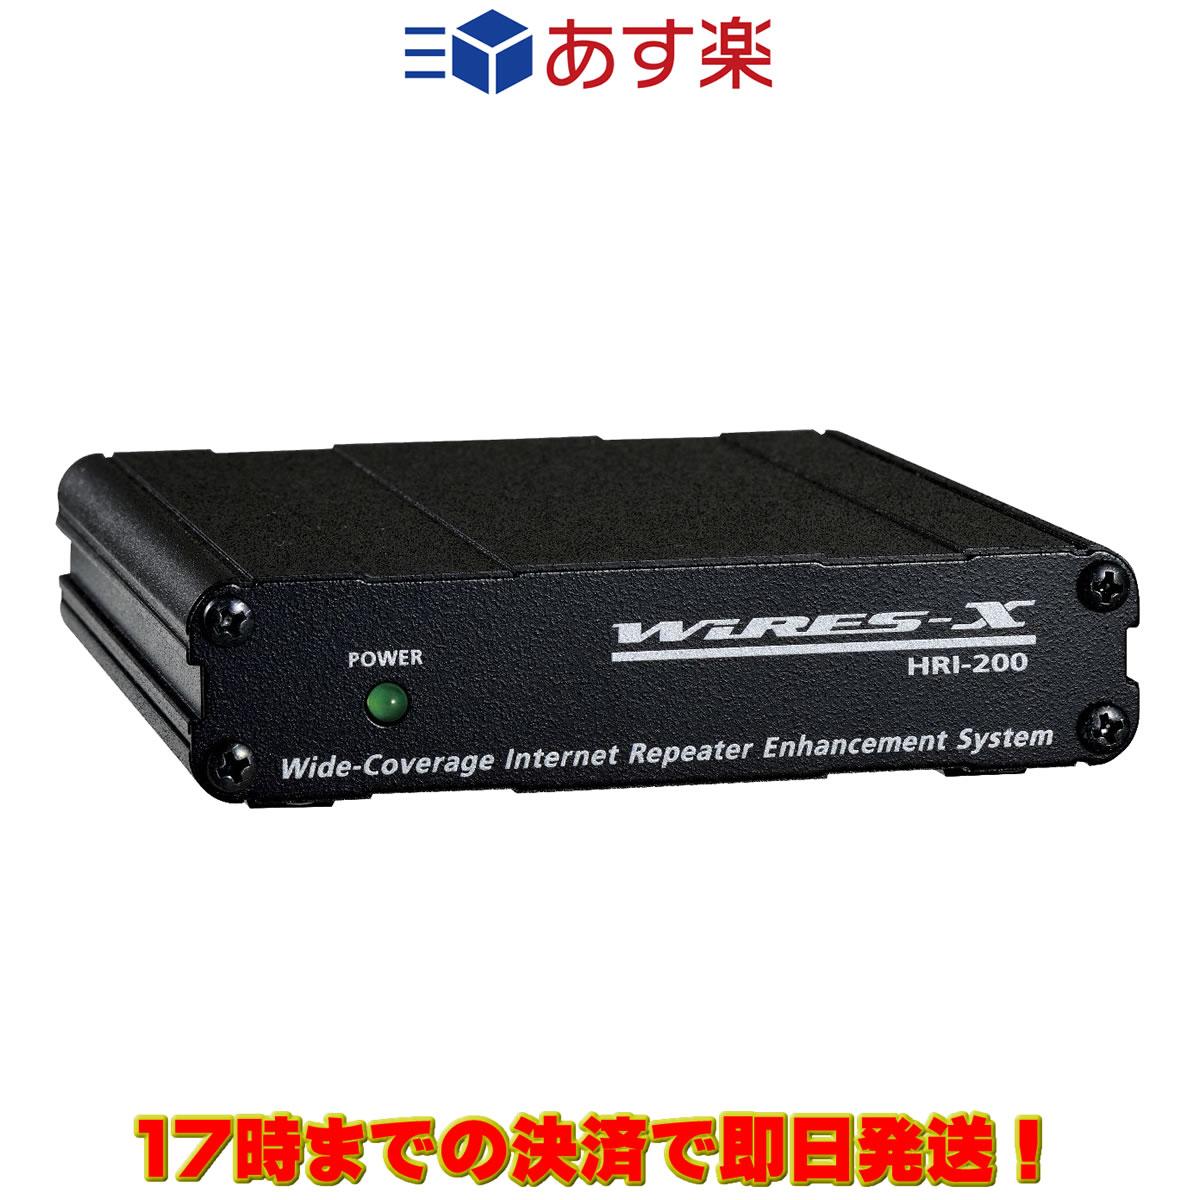 【ラッキーシール対応】 HRI-200 八重洲無線 WIRES-X インターネット回線接続キット